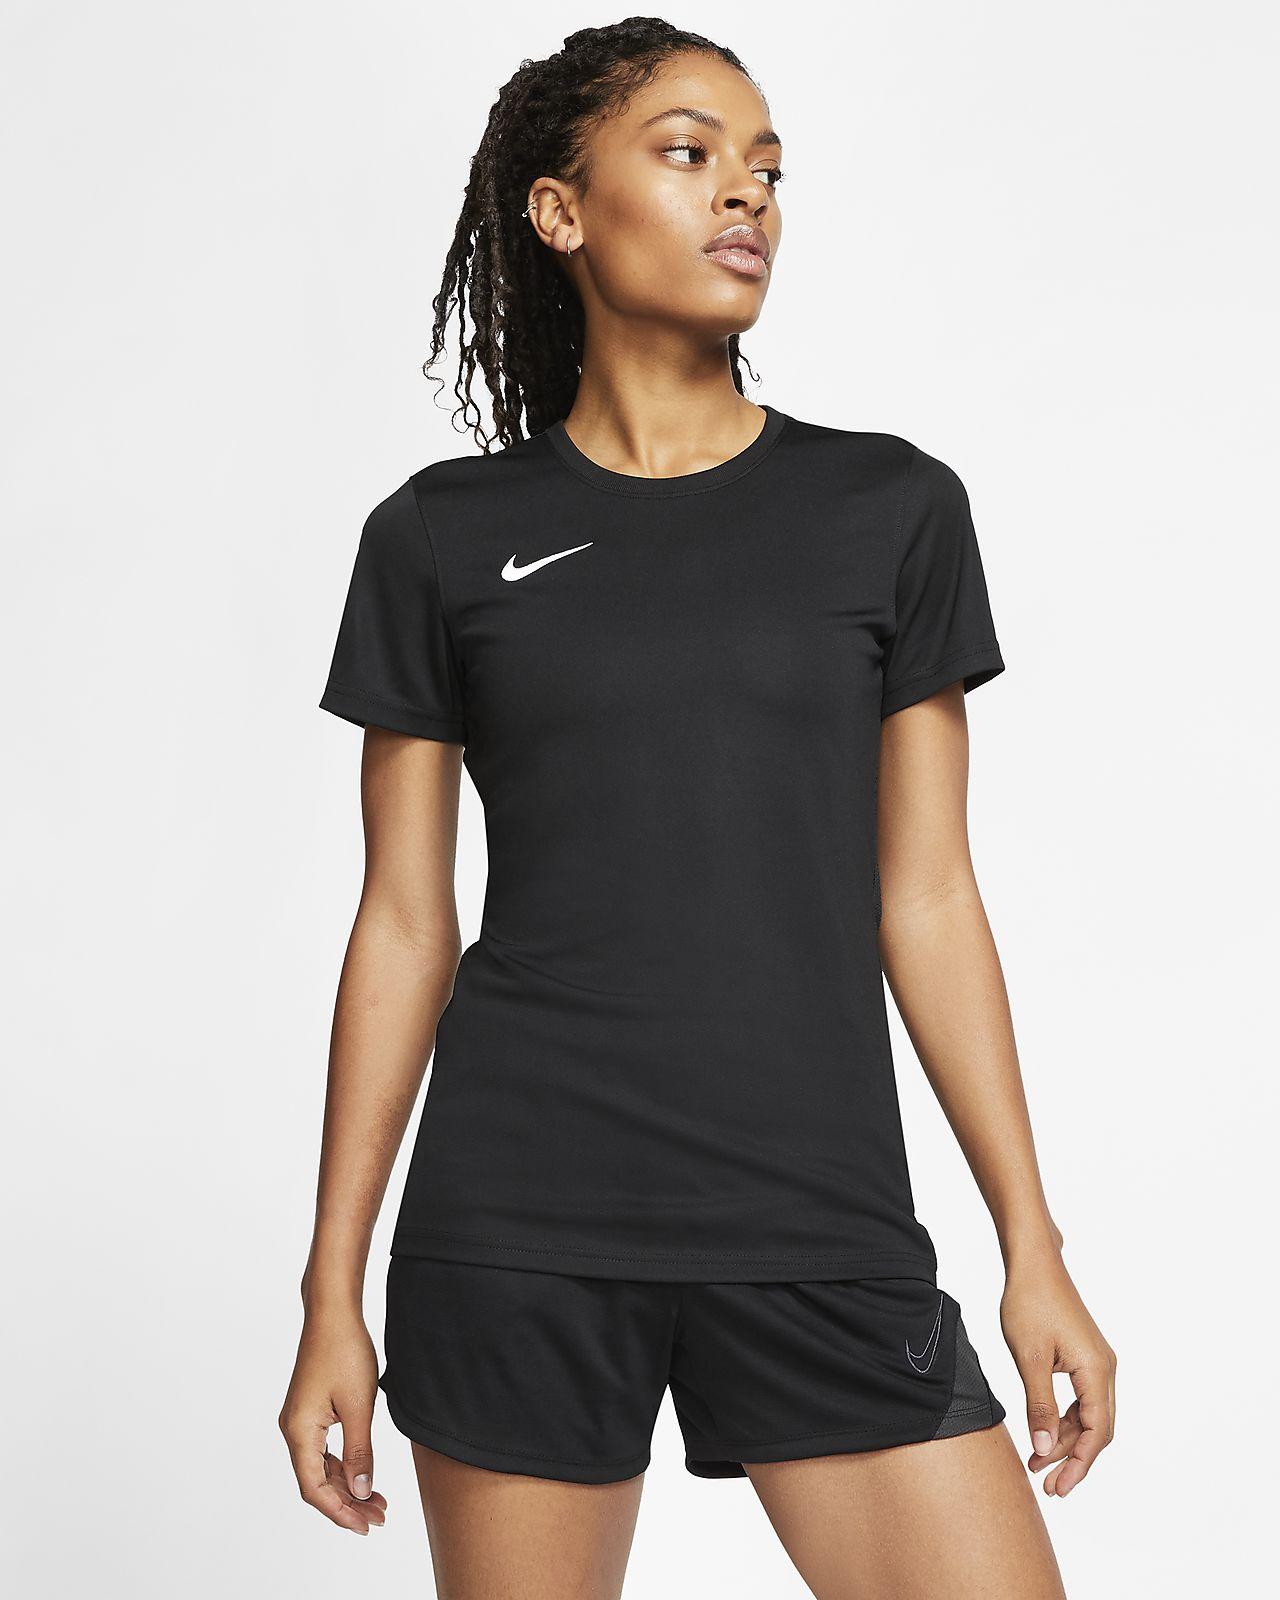 Γυναικεία ποδοσφαιρική φανέλα Nike Dri-FIT Park 7